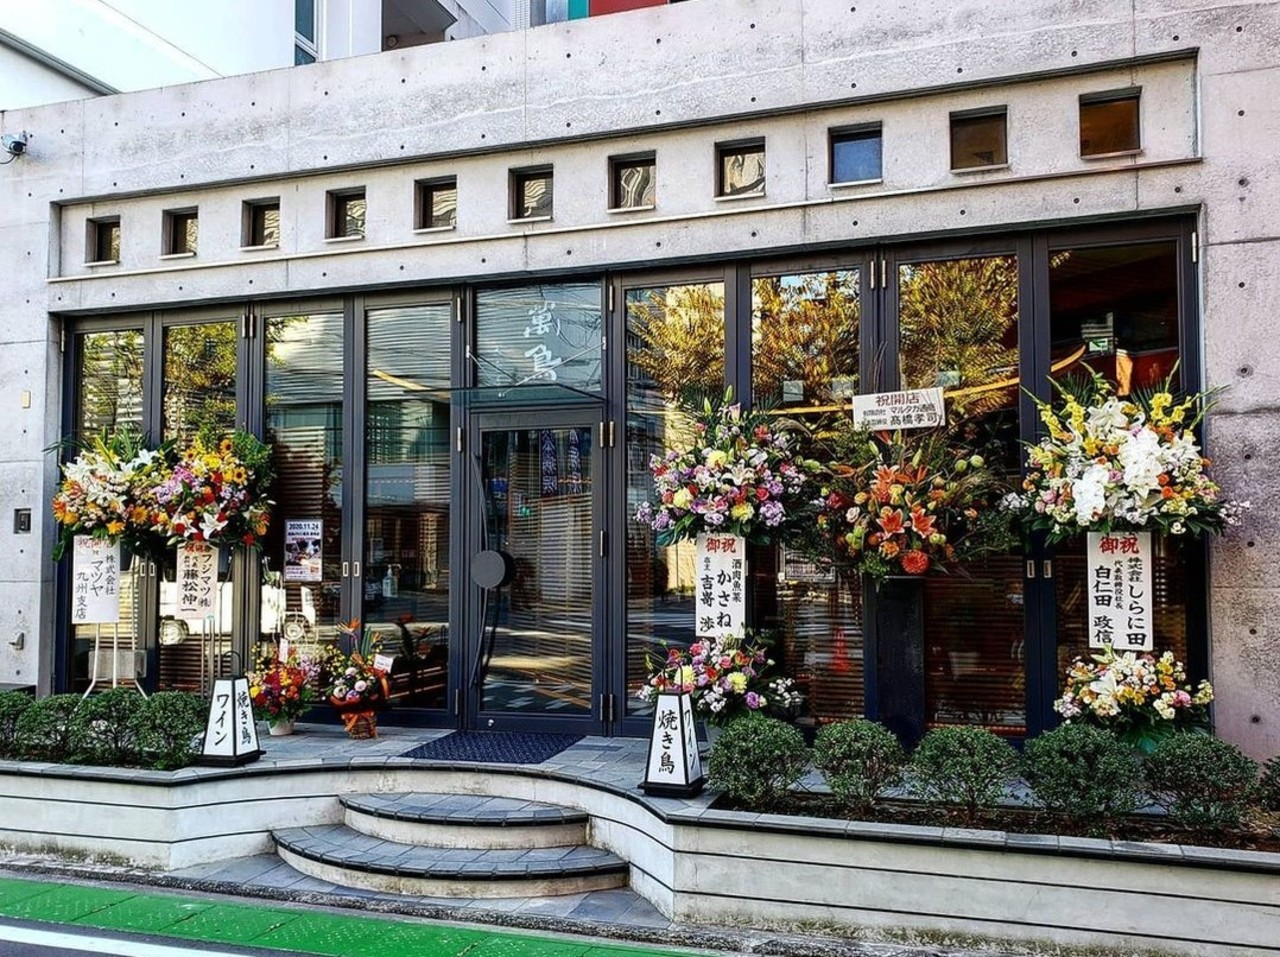 福岡県福岡市中央区薬院2丁目に「焼き鳥とワイン萬鳥 薬院店」が11/24オープンされたようです。